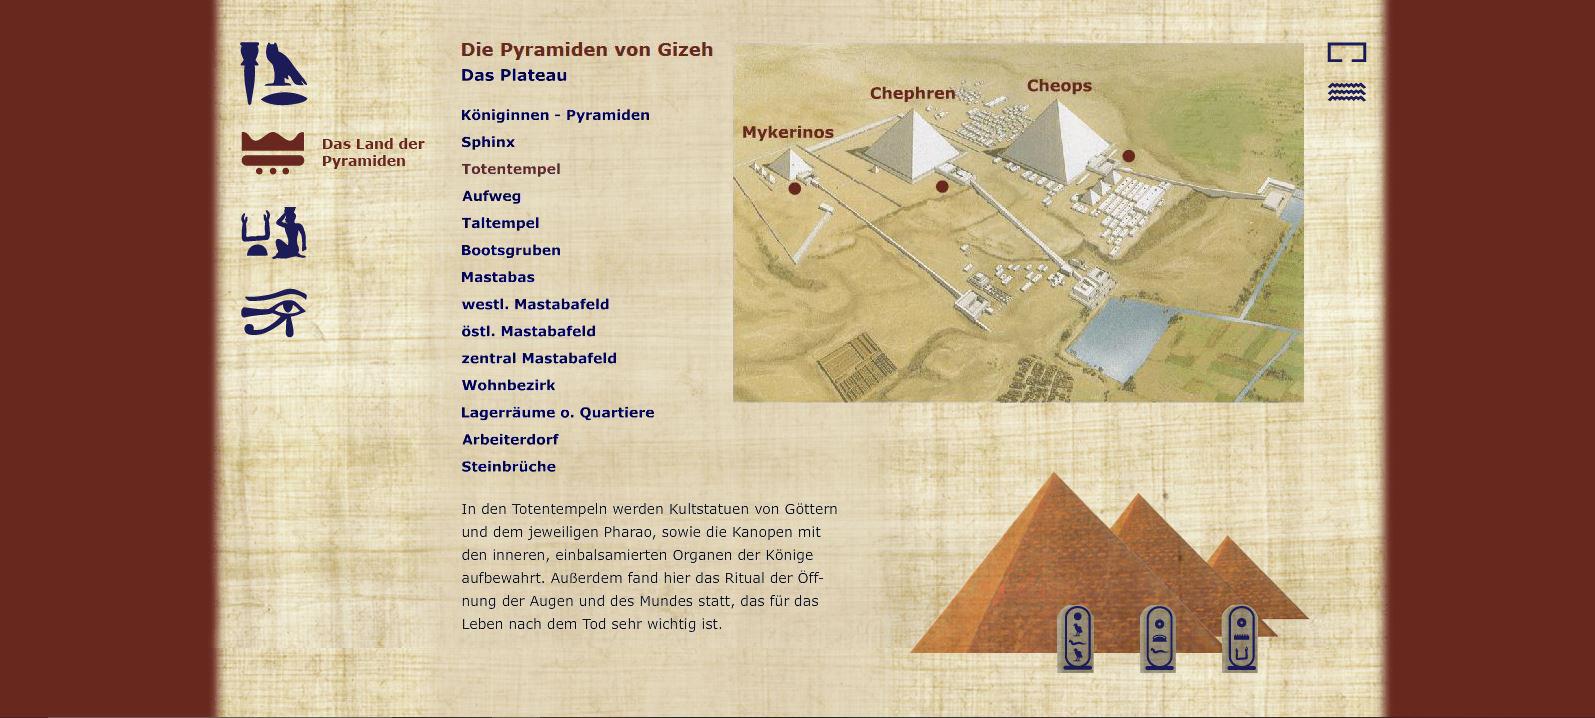 Die Pyramiden von Gizeh - Das Land der Pyramiden - Plateau